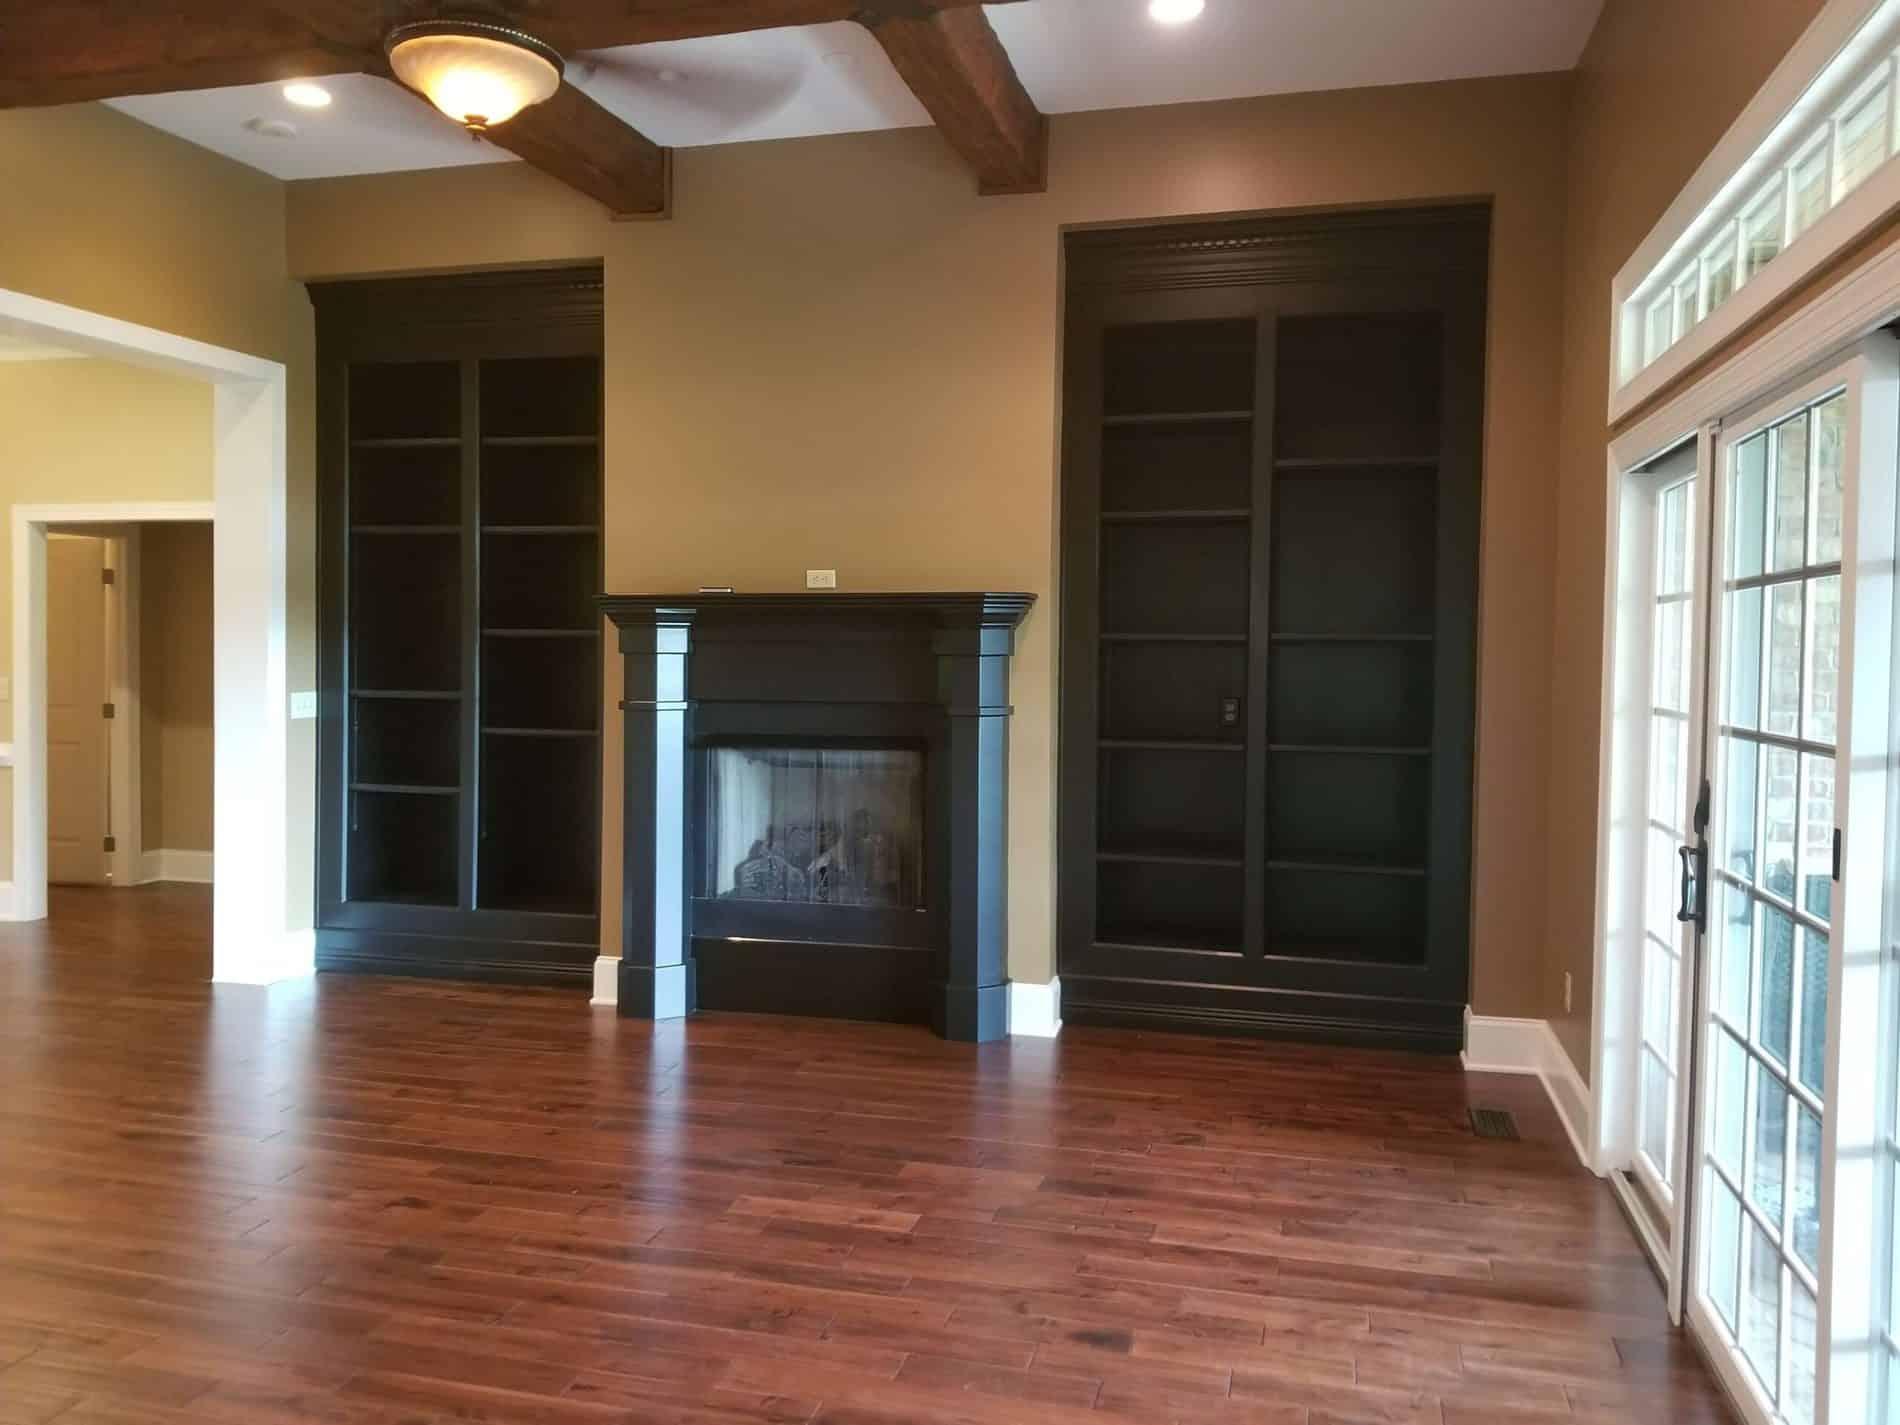 Living room restoration contractor